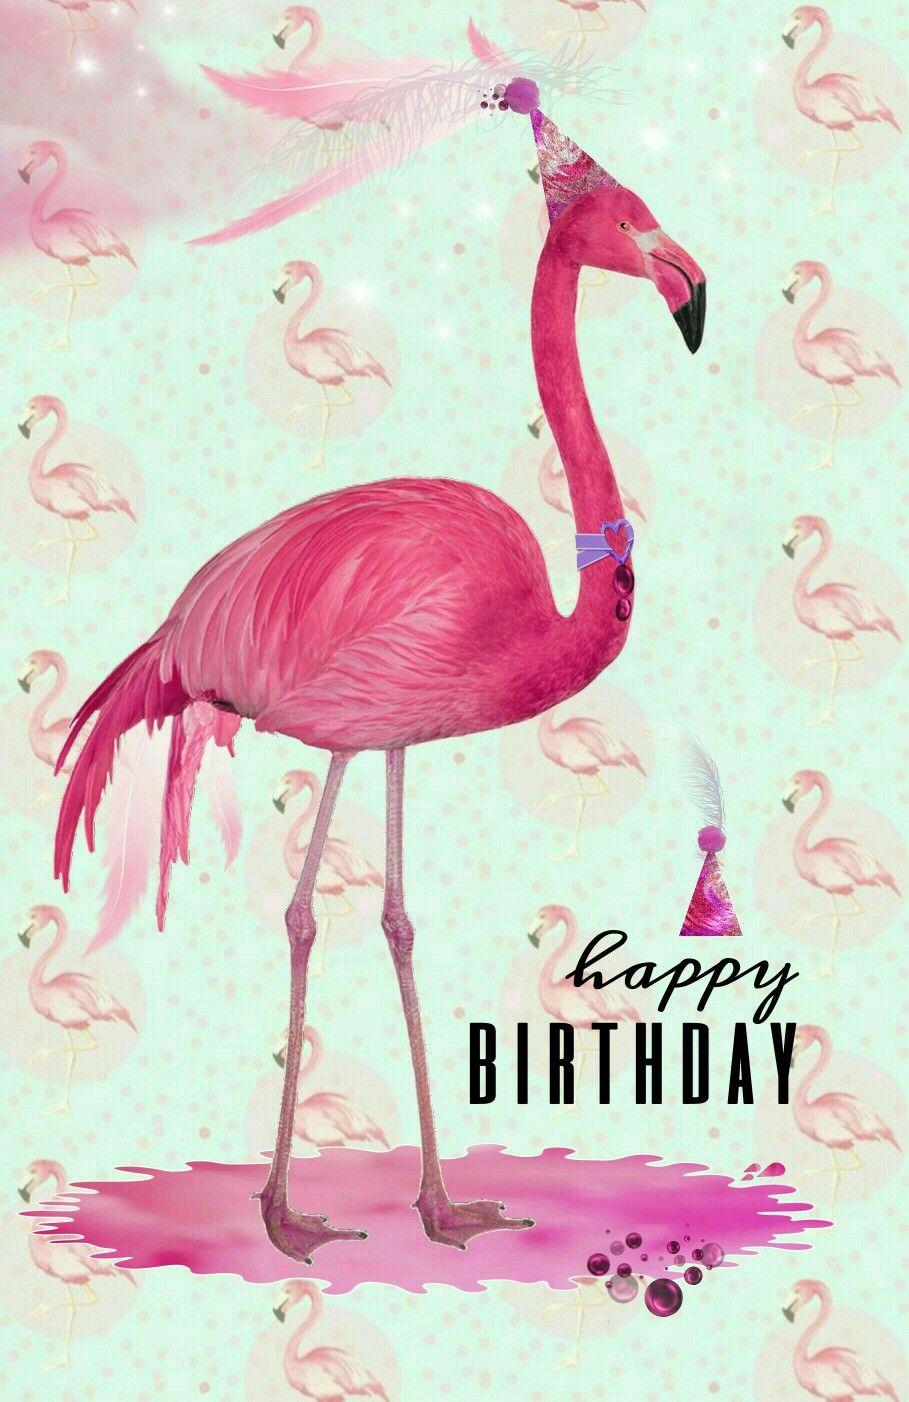 Happy Birthday | Happy Birthday in 2018 | Pinterest | Happy birthday ...